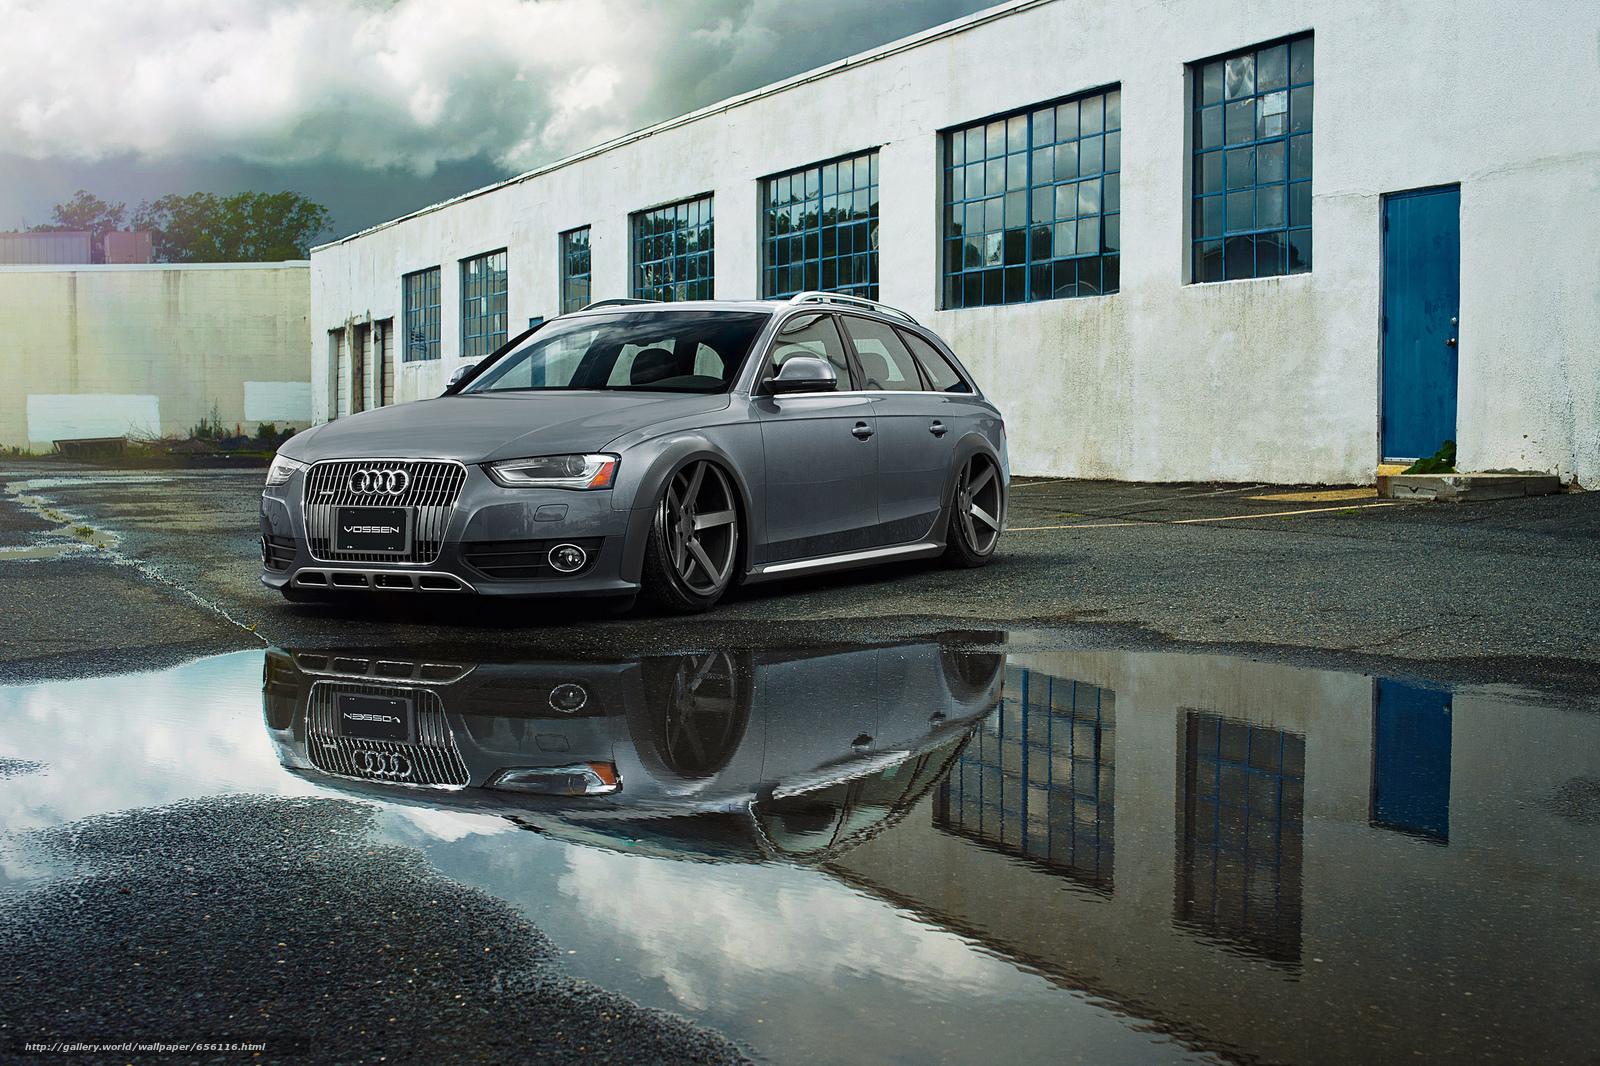 Descargar gratis Audi,  máquina,  coche Fondos de escritorio en la resolucin 2048x1365 — imagen №656116